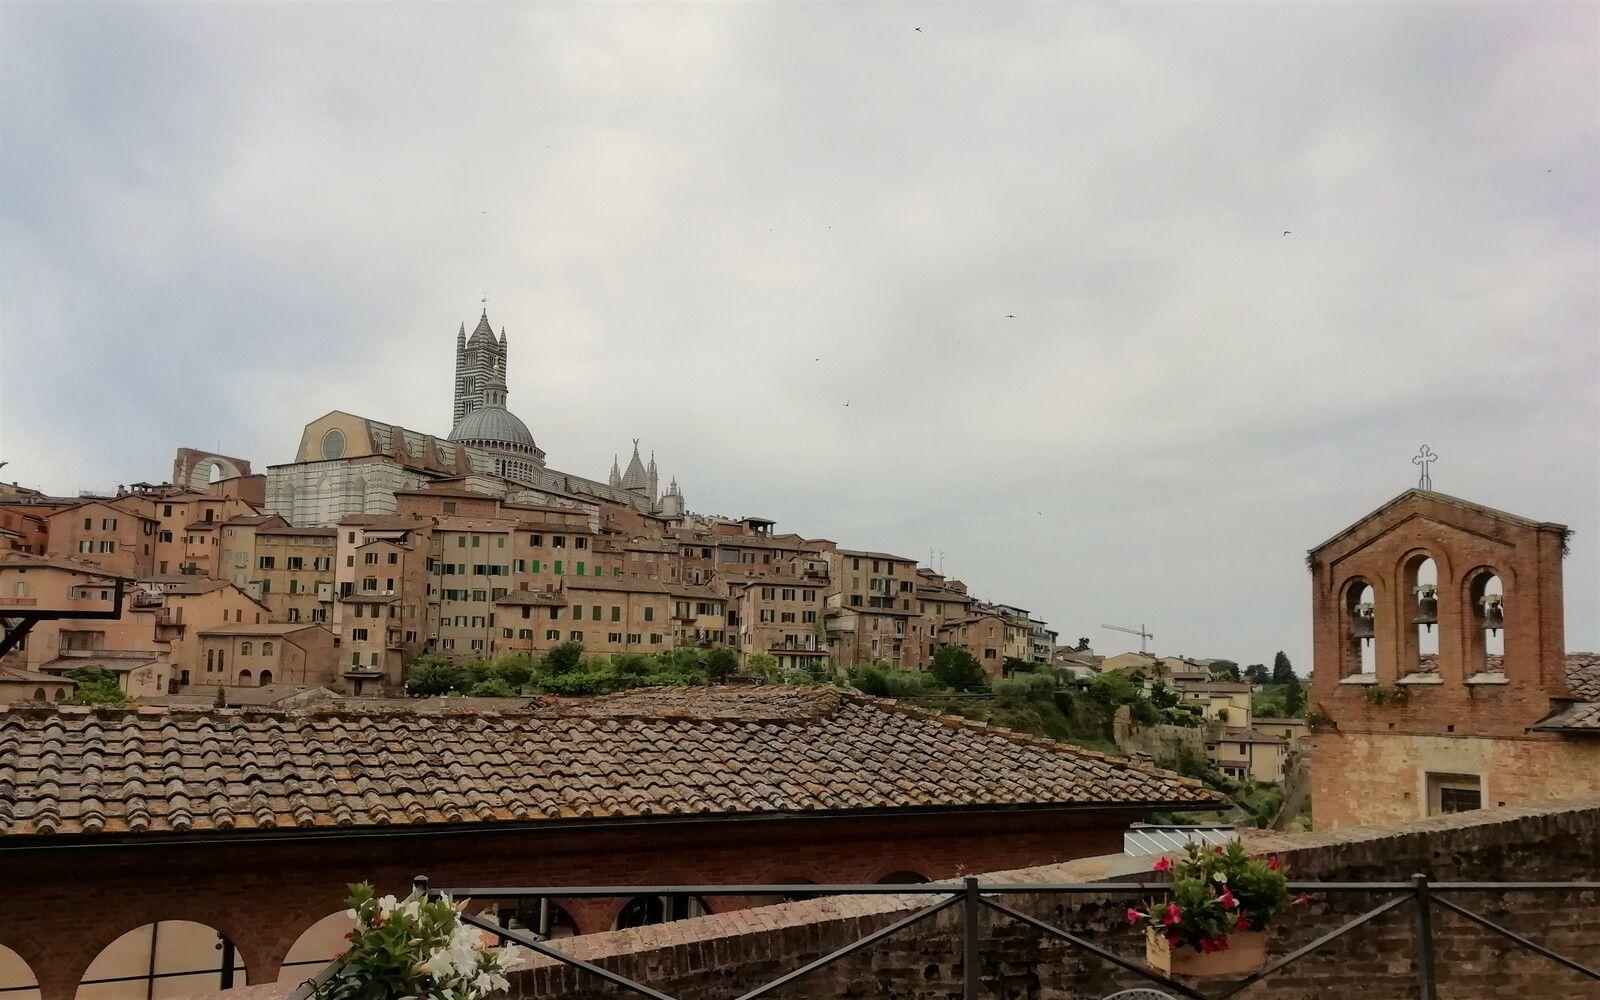 ITALIE - Toscane - Sienne (6)